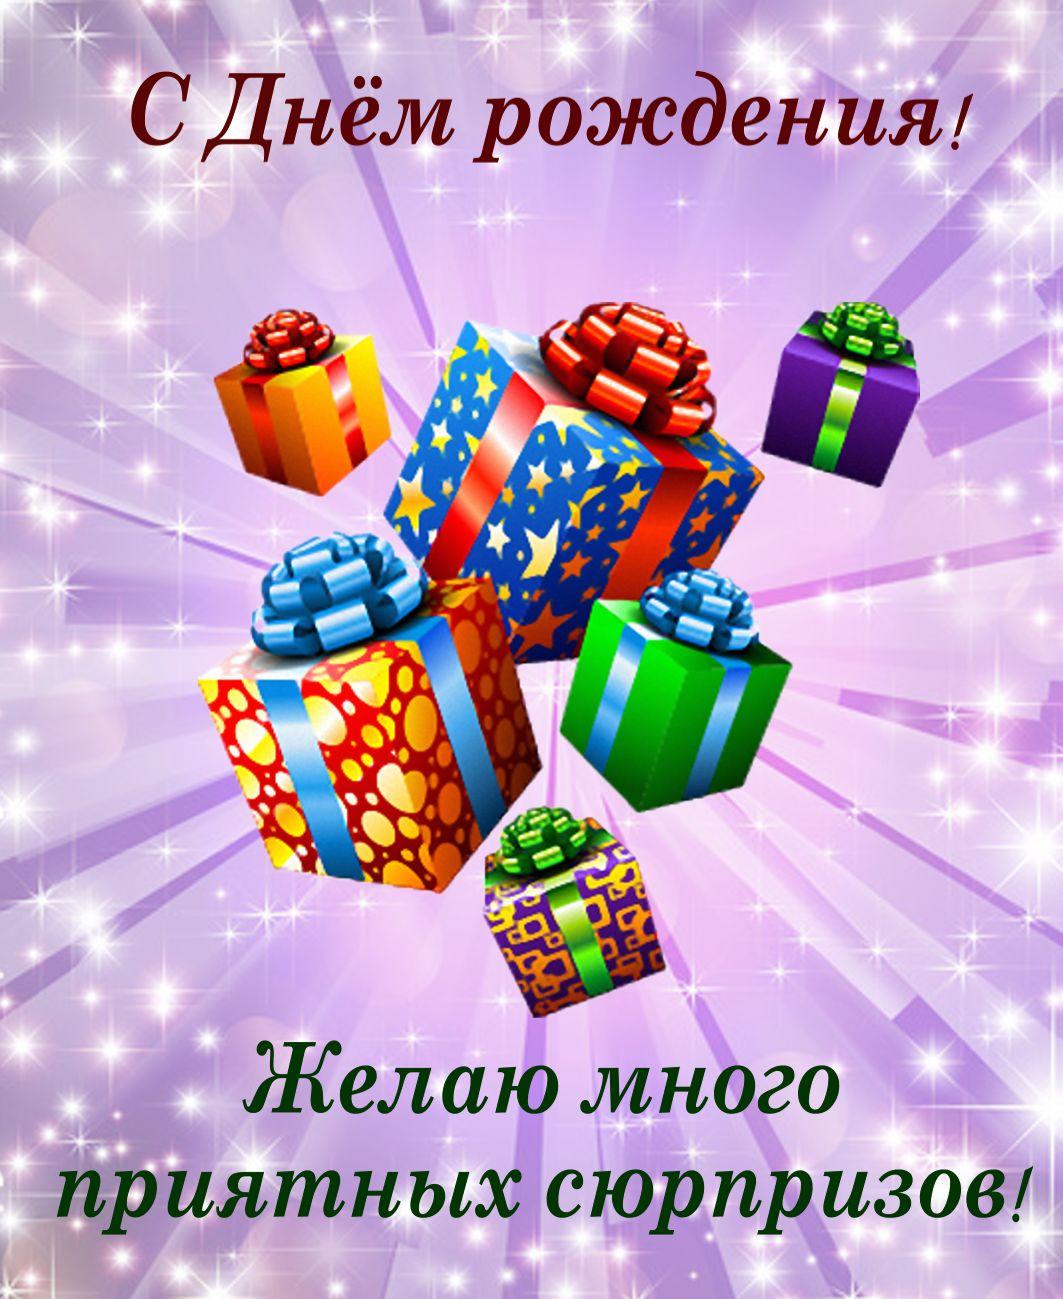 Поздравление прикольное с днем рождения одноклассникам